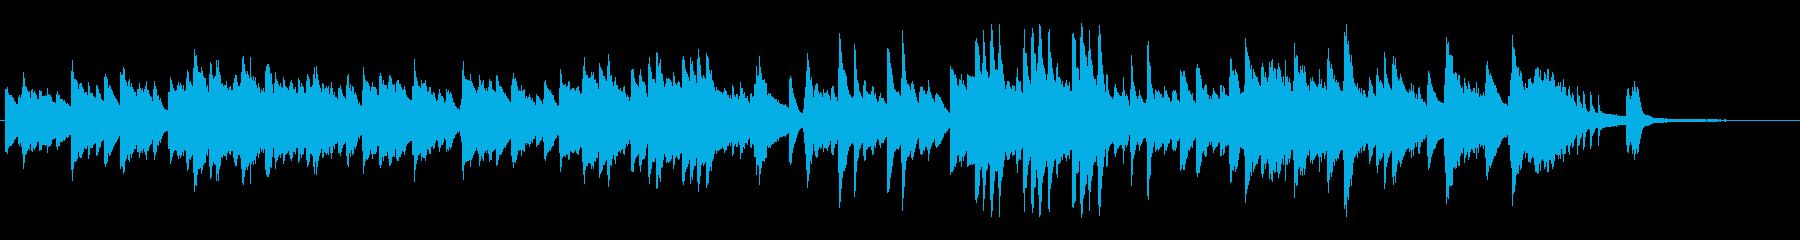 ラウンジ風ピアノソロ/旅行場面などBGMの再生済みの波形